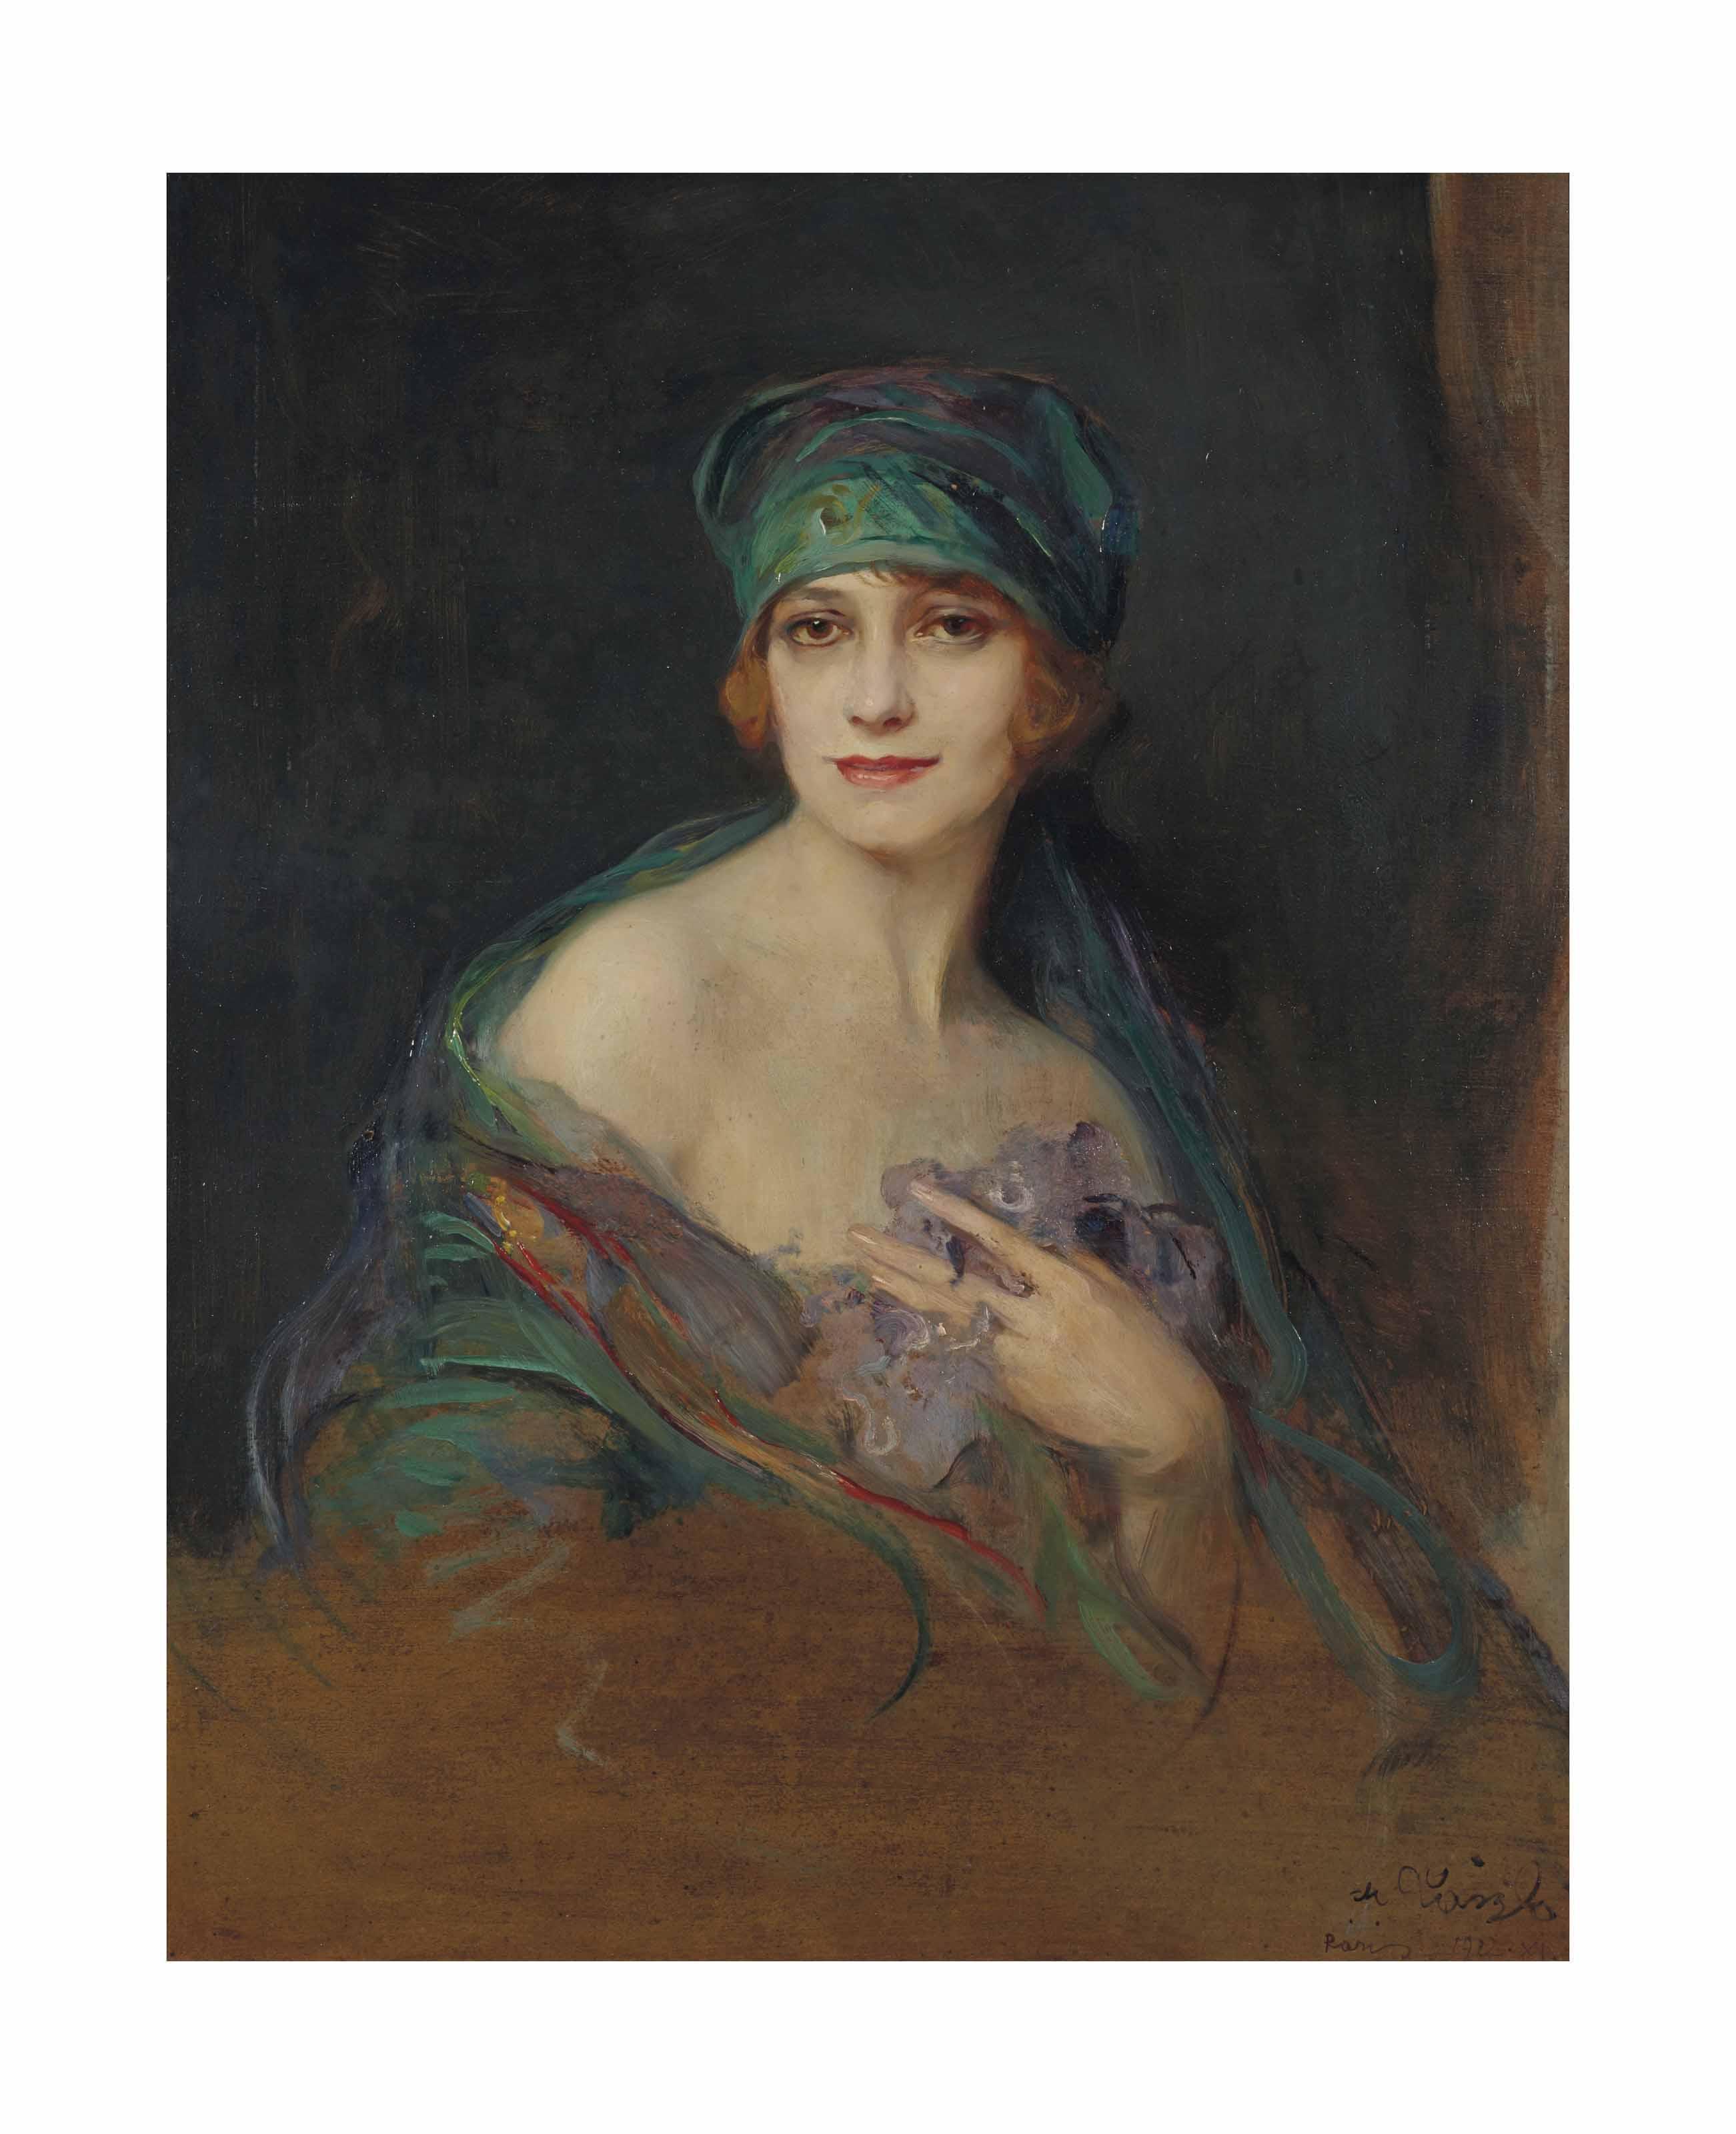 Portrait de la princesse Donna Maria Ruspoli (1888-1976), duchesse de Gramont